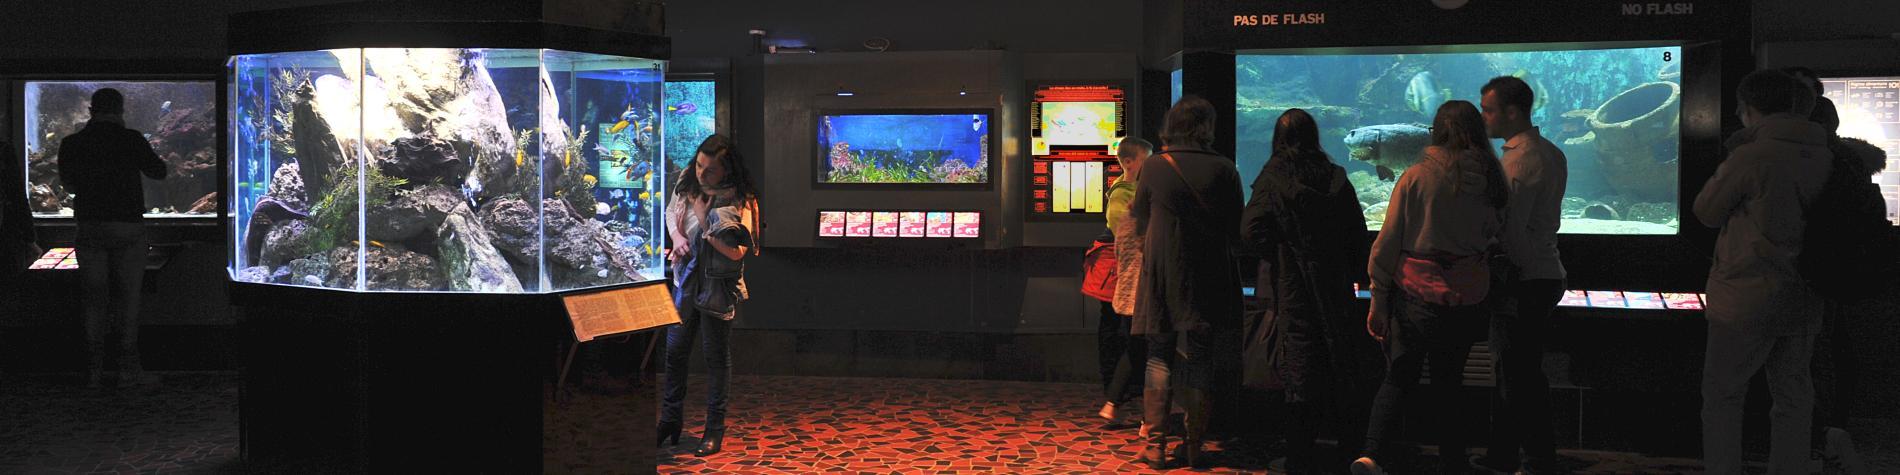 Les aquariums de l'Aquarium-Muséum de Liège